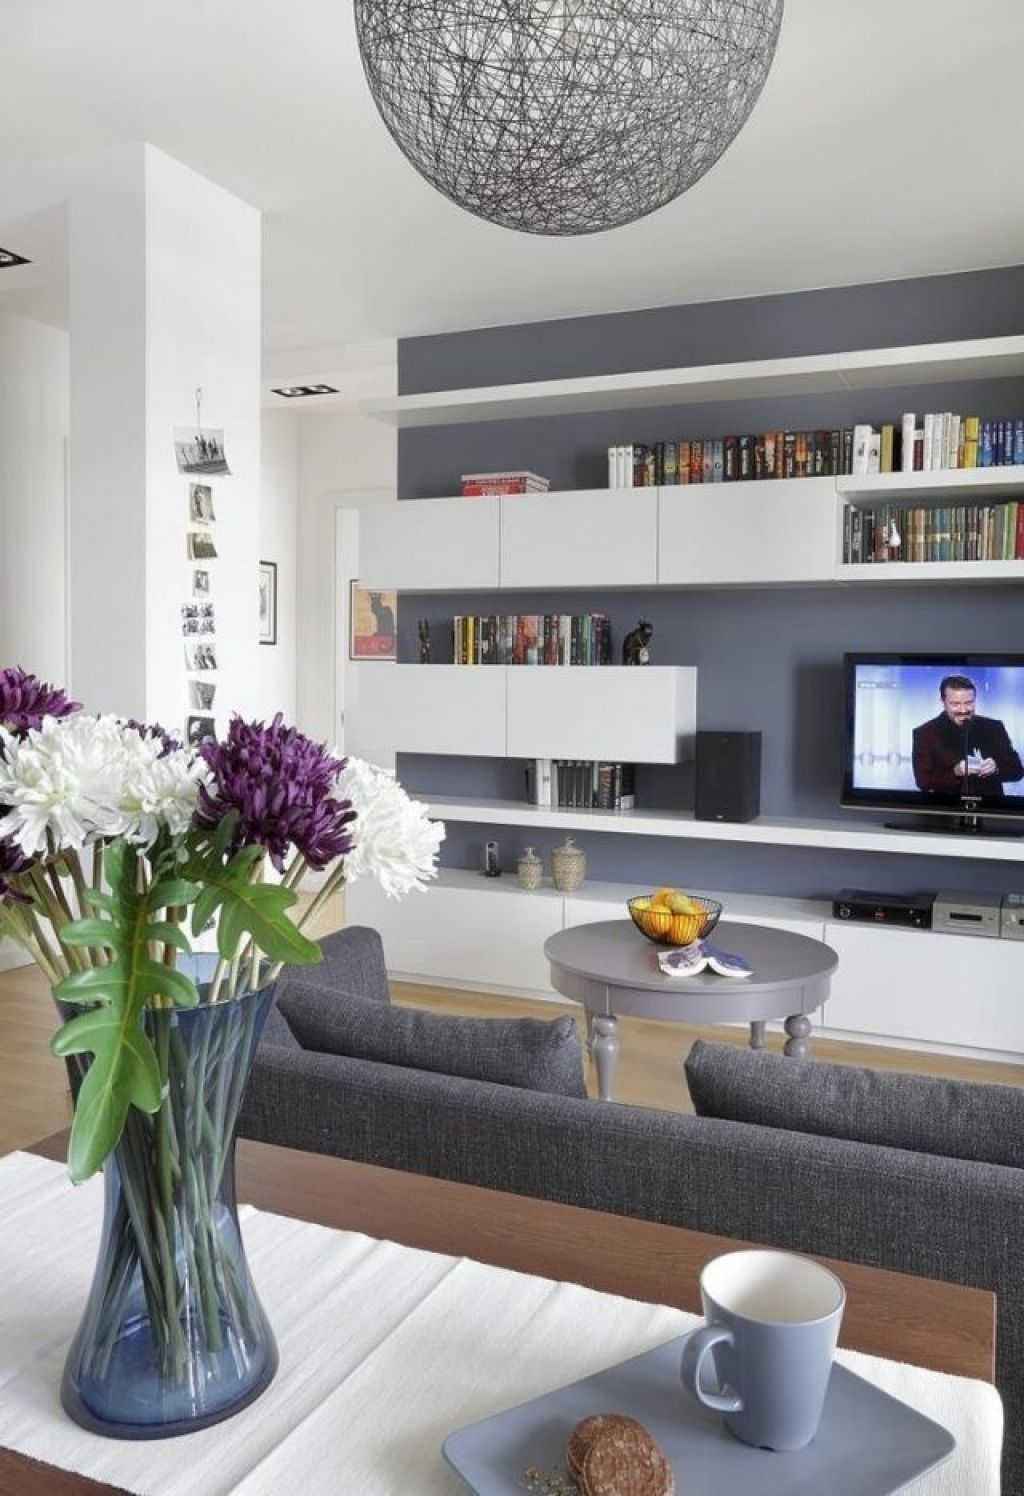 Wohnzimmer ideen modern weis  moderner wohnzimmer anstrich ideen wohnzimmer streichen graue ...